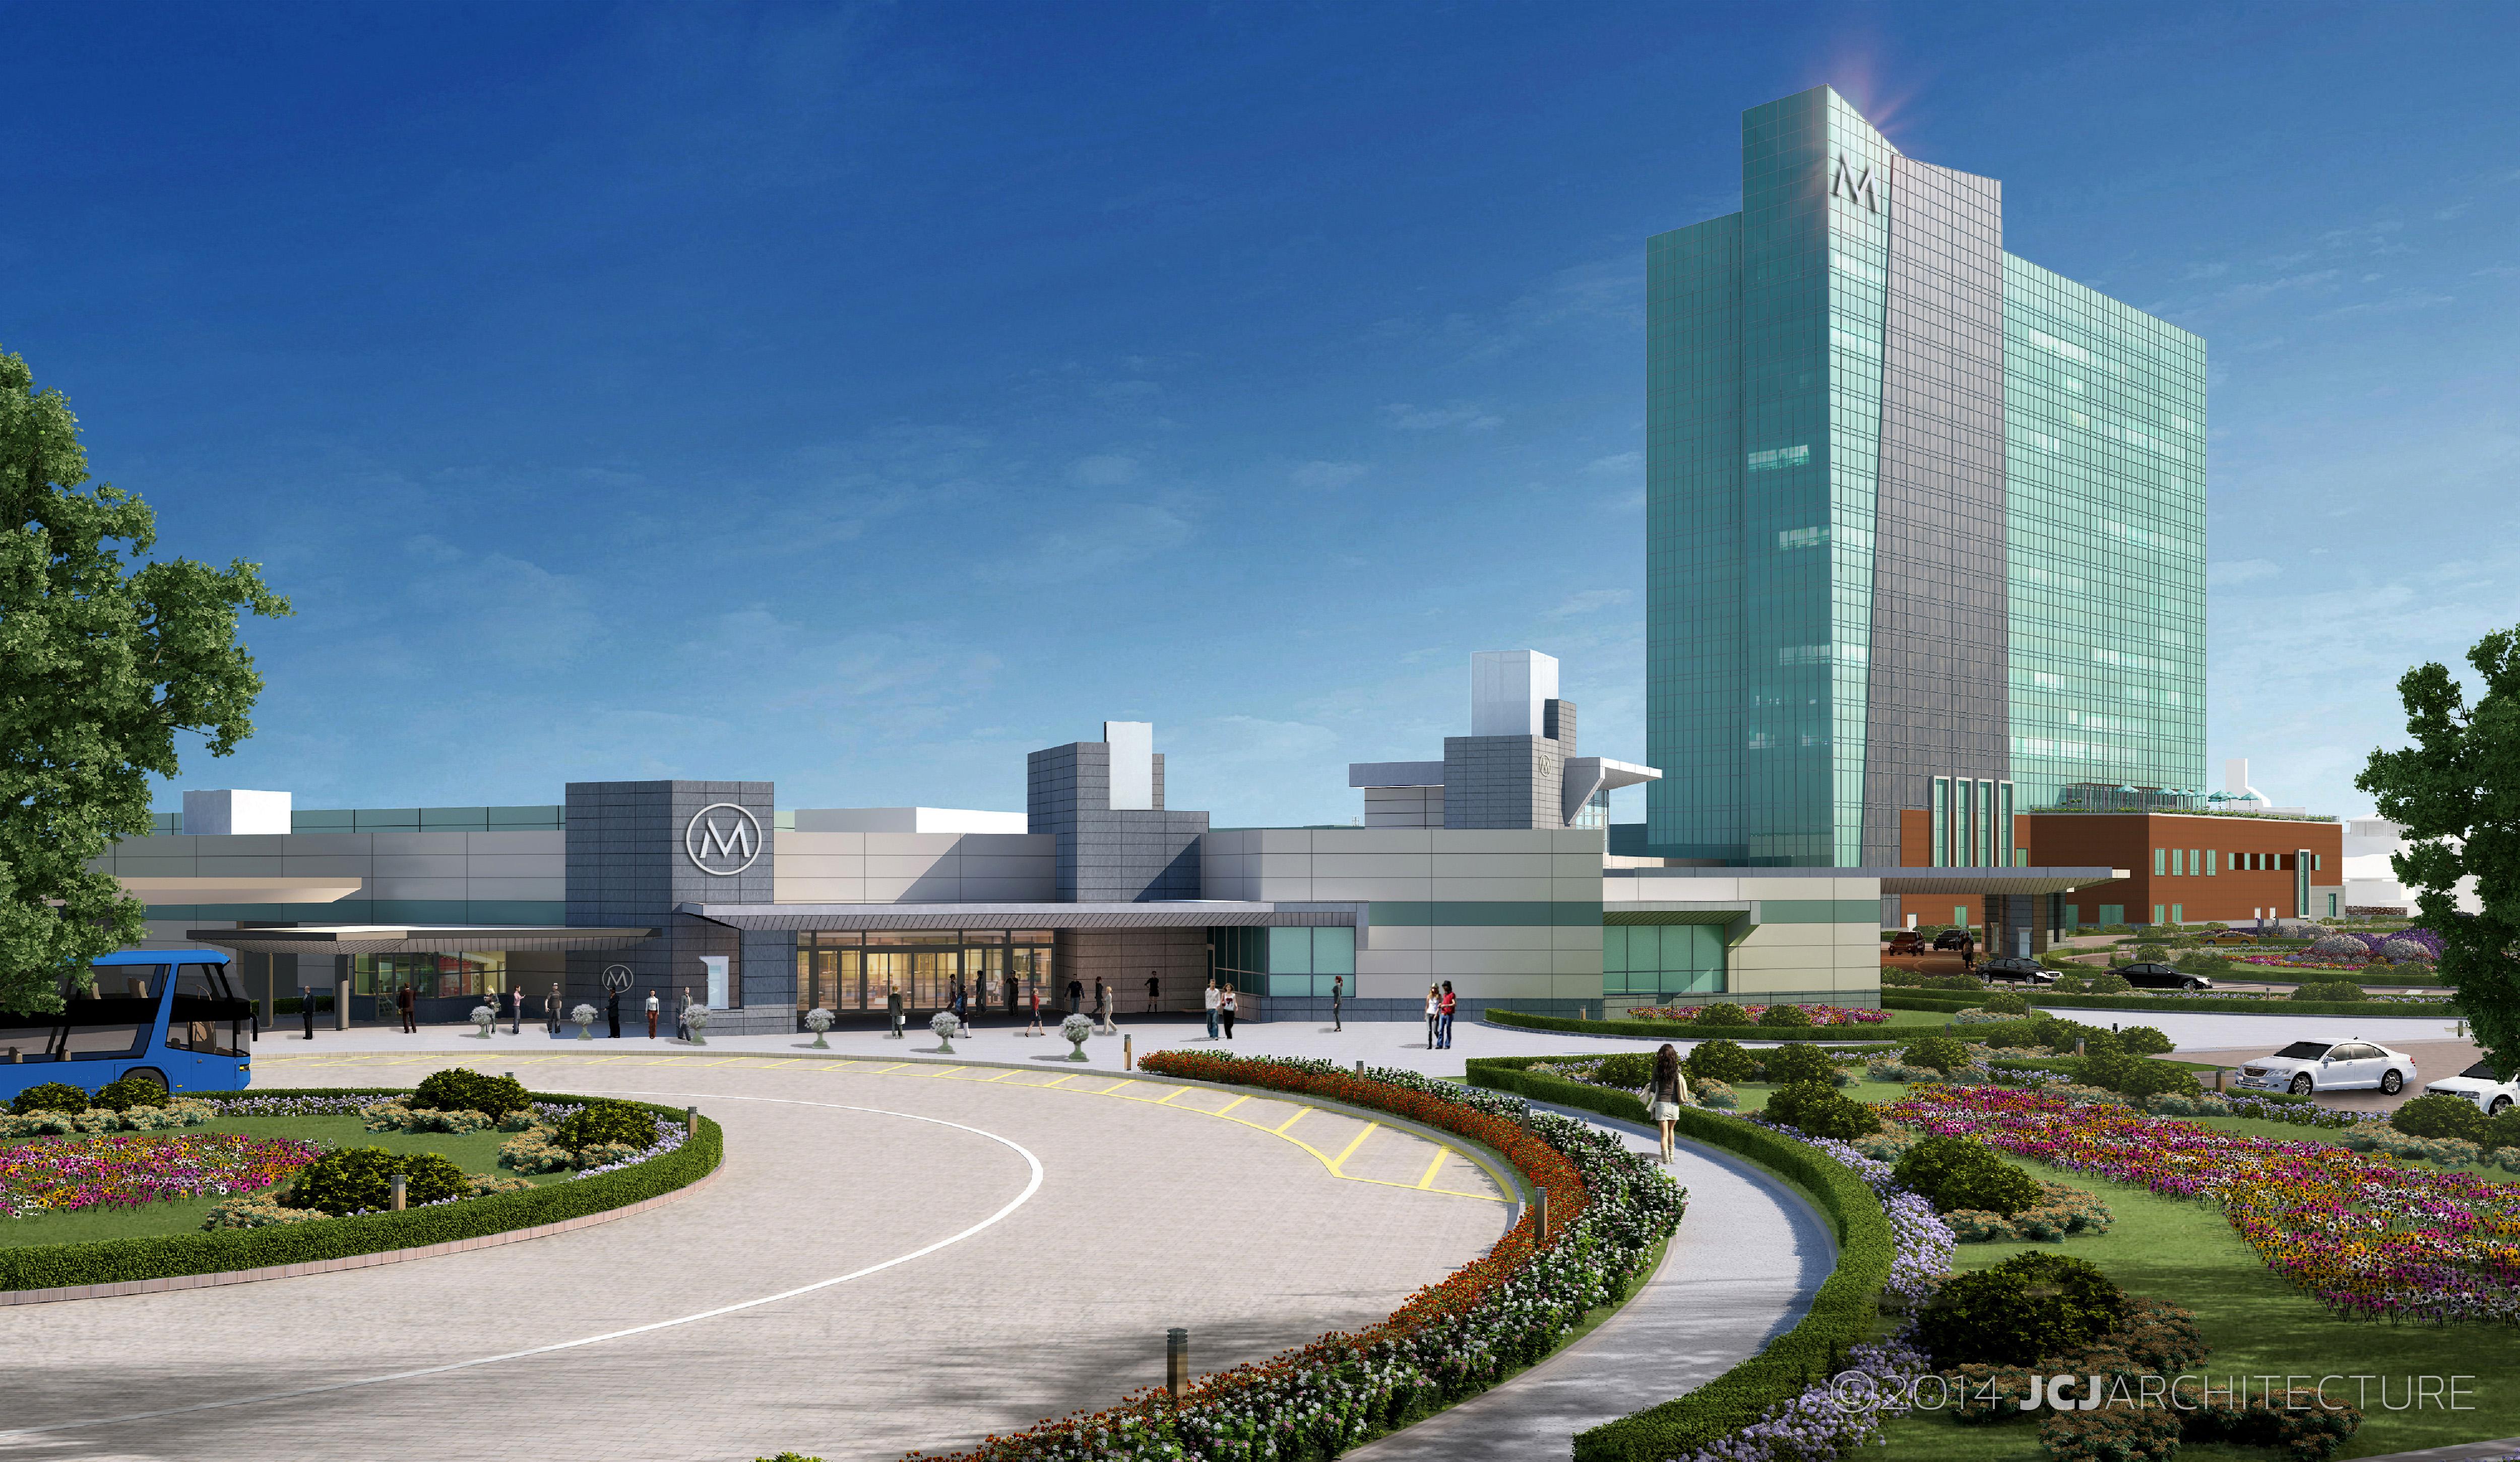 Casino schenectady location